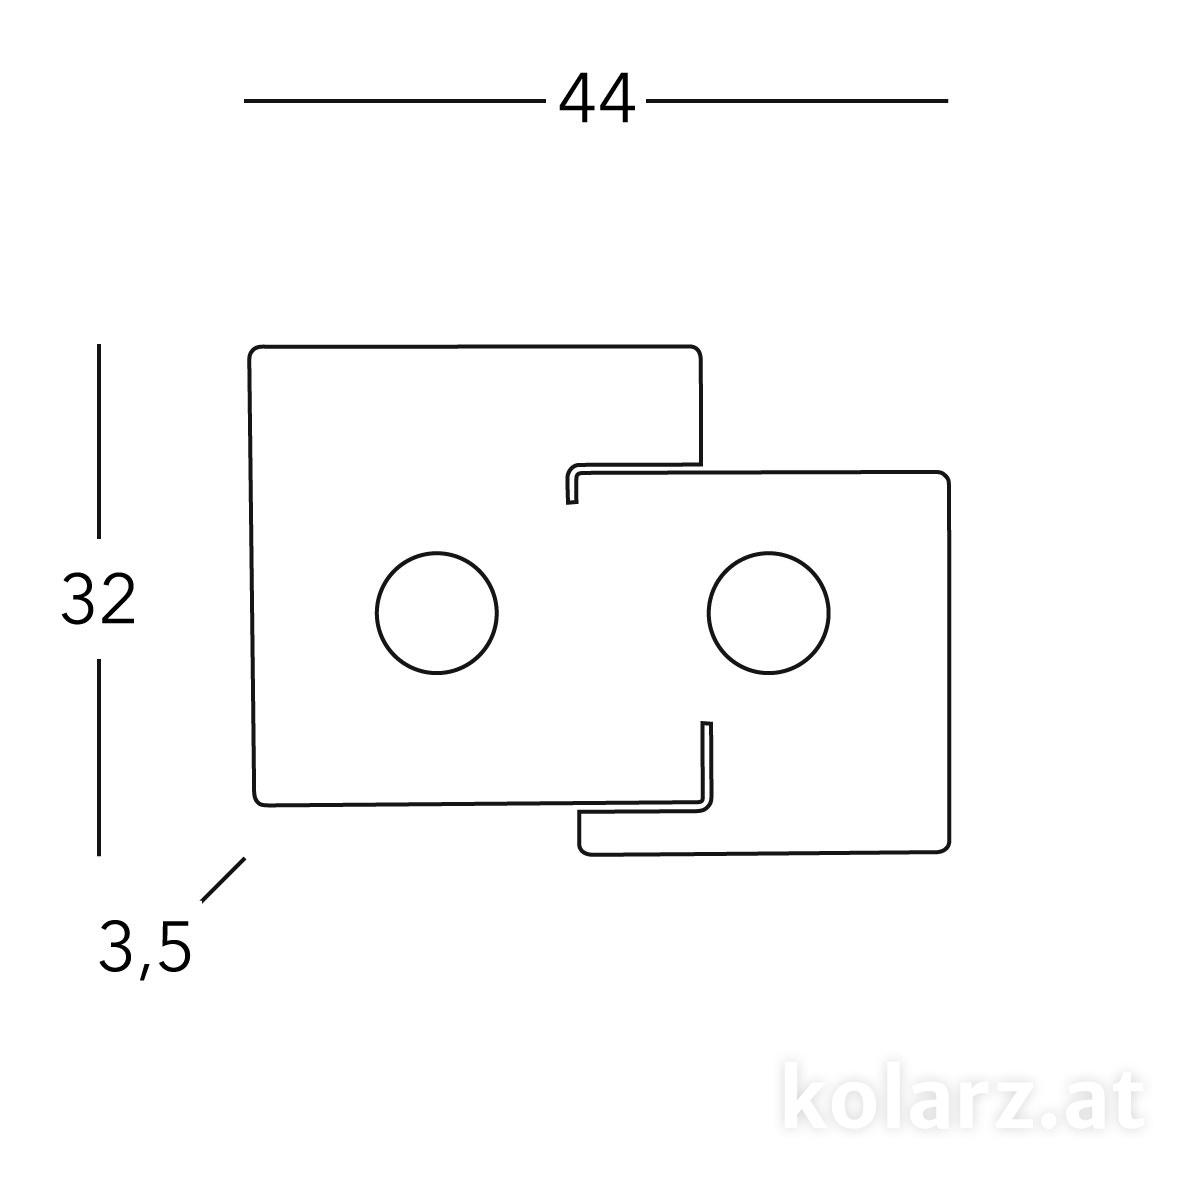 A1337-12-1-VinAg-s1.jpg